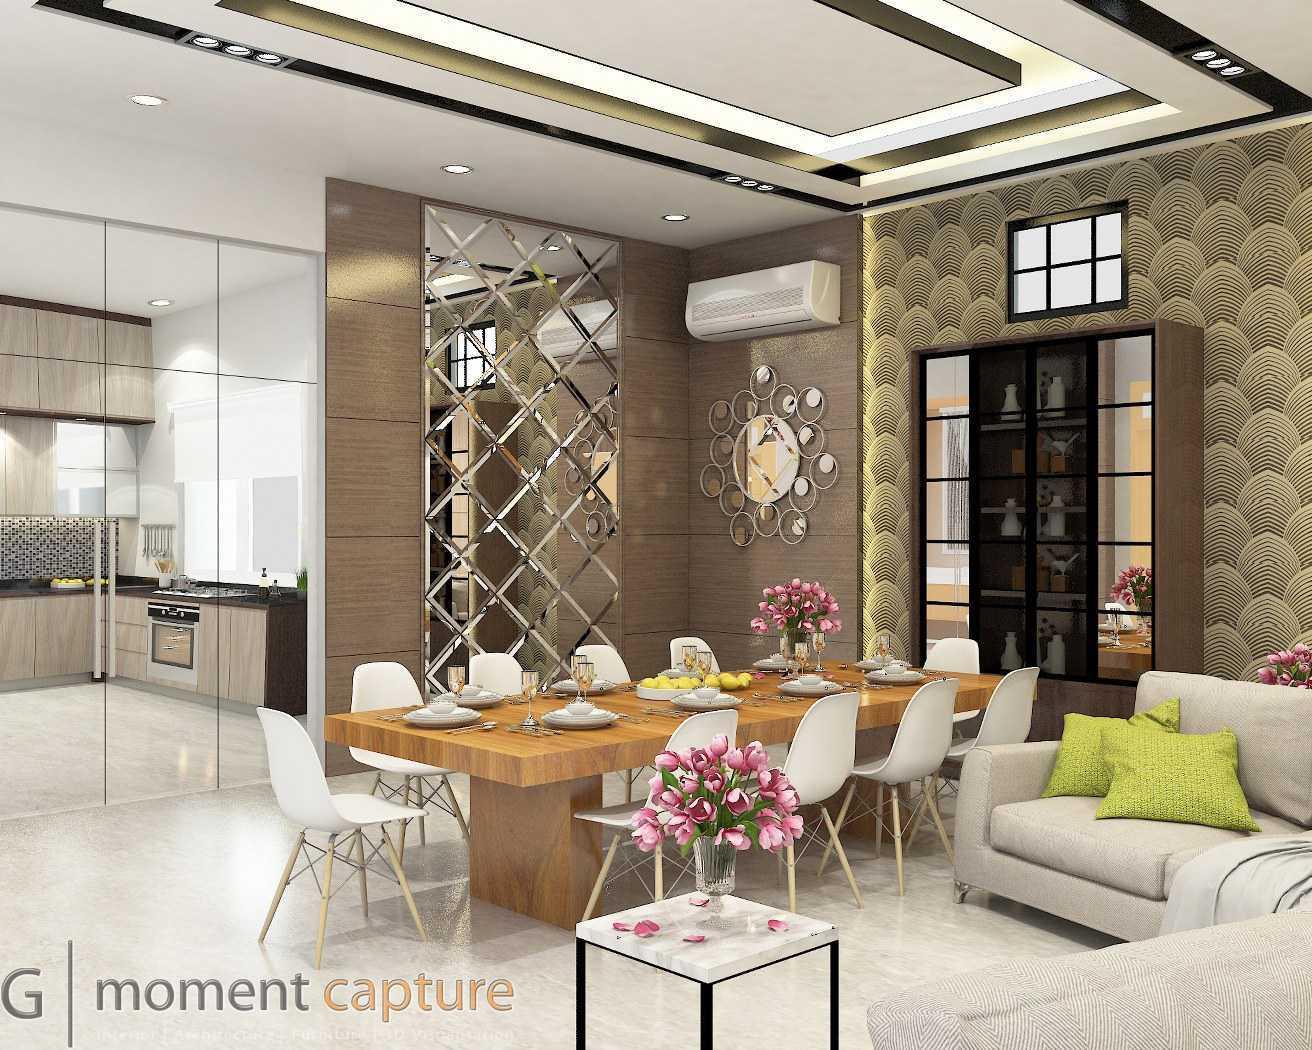 G | Momentcapture Private Residence 1 Daerah Khusus Ibukota Jakarta, Indonesia Daerah Khusus Ibukota Jakarta, Indonesia Ruang Makan Modern 40688